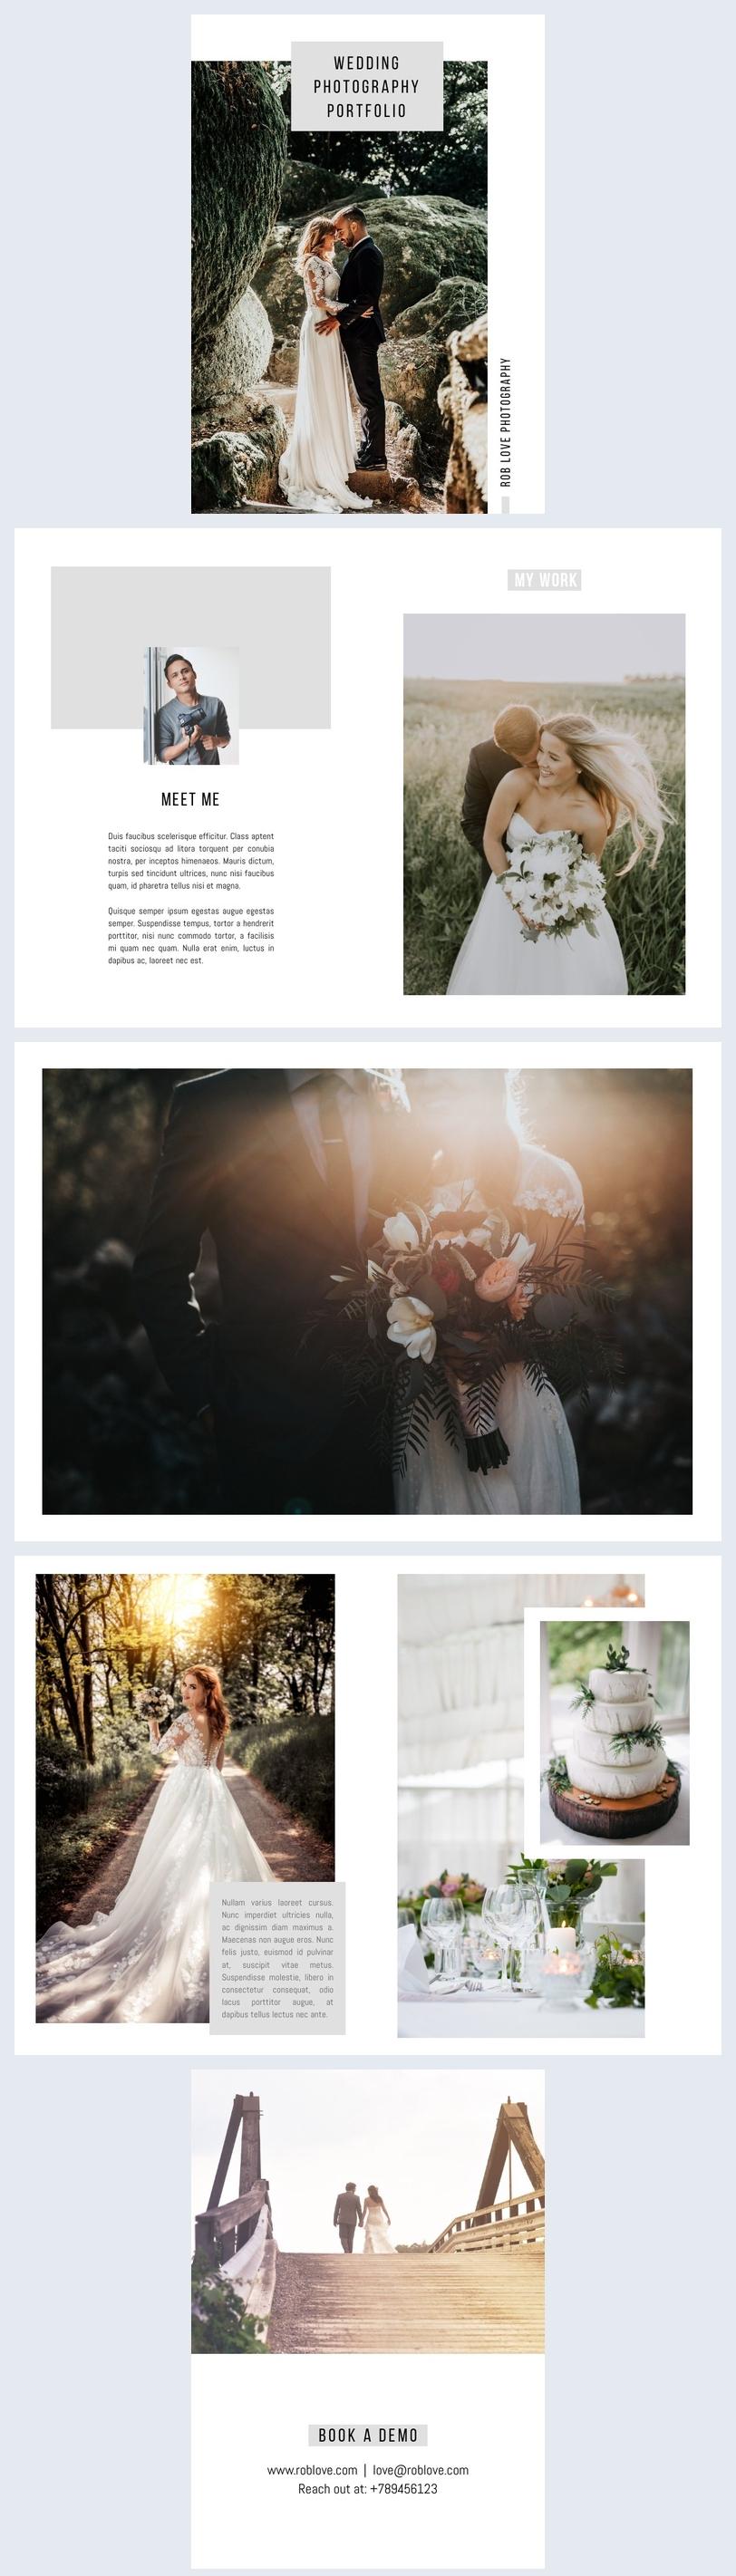 Diseño para portafolio fotográfico de bodas